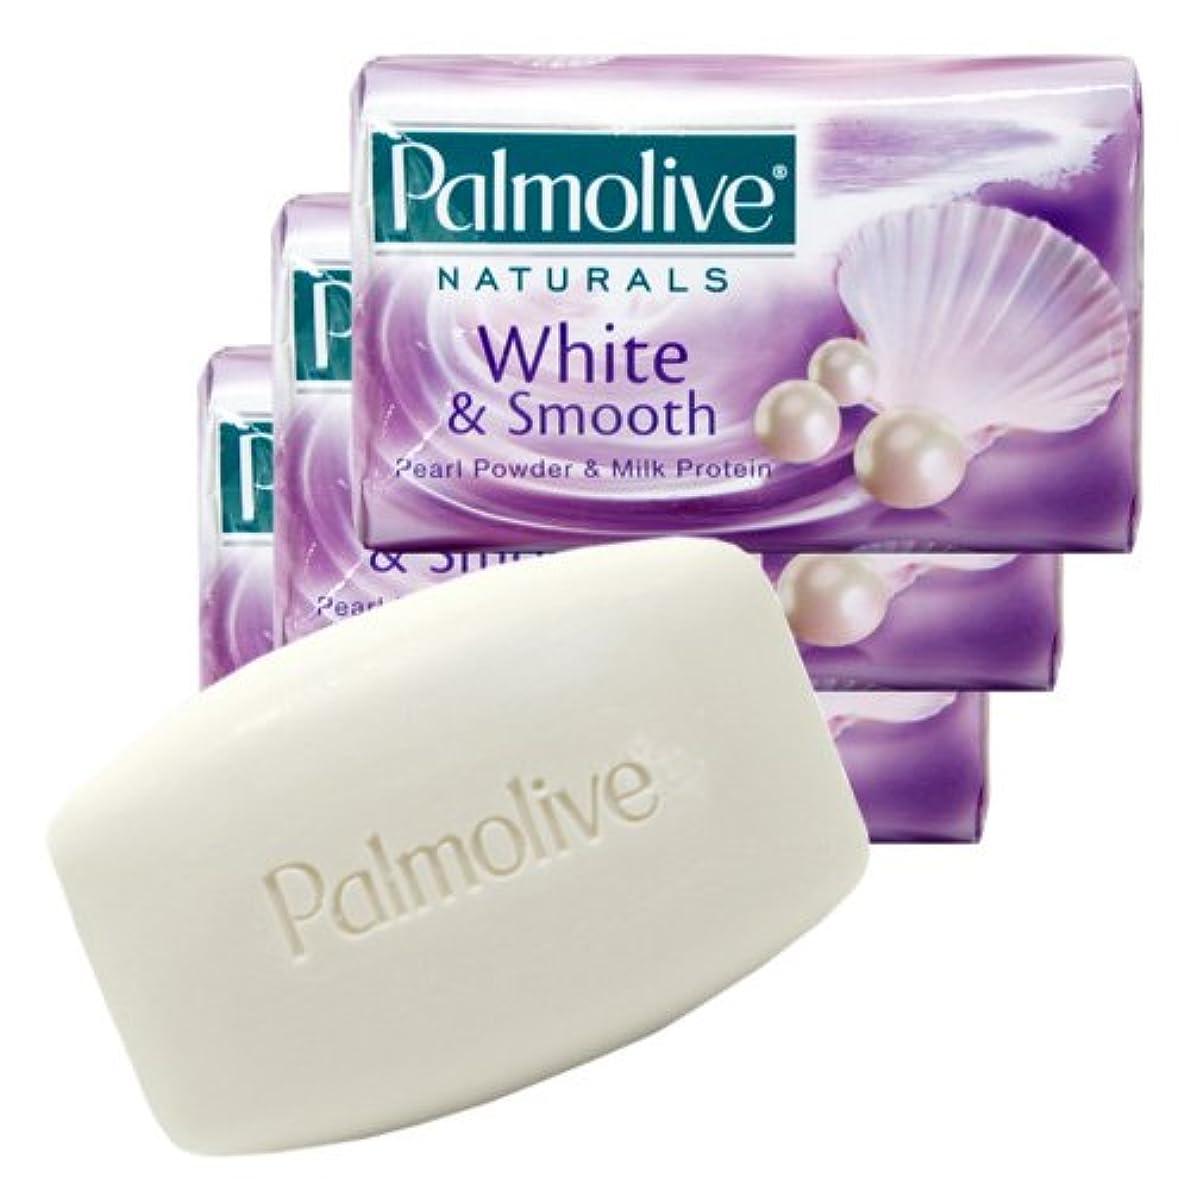 皮肉アレキサンダーグラハムベル兵士【Palmolive】パルモリーブ ナチュラルズ石鹸3個パック ホワイト&スムース(パールパウダー&ミルクプロテイン)80g×3